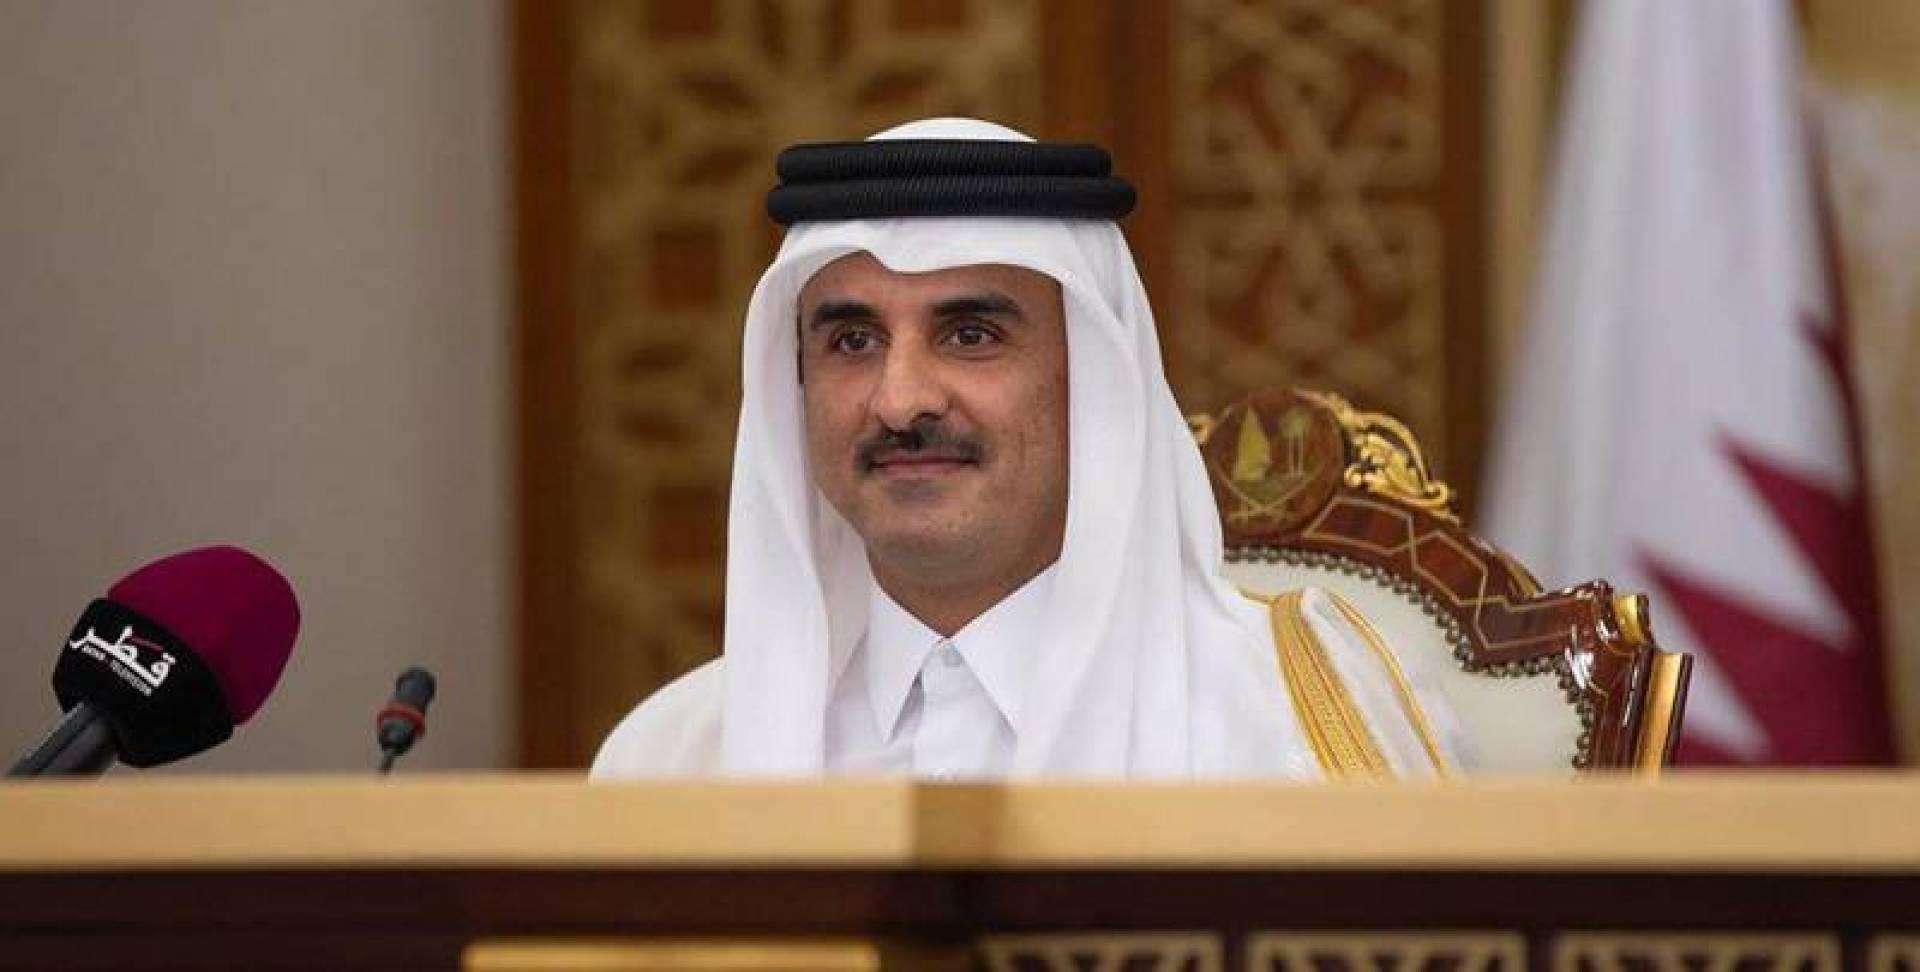 أمير قطر يرفض يمارس رياضة المشي مع بناته